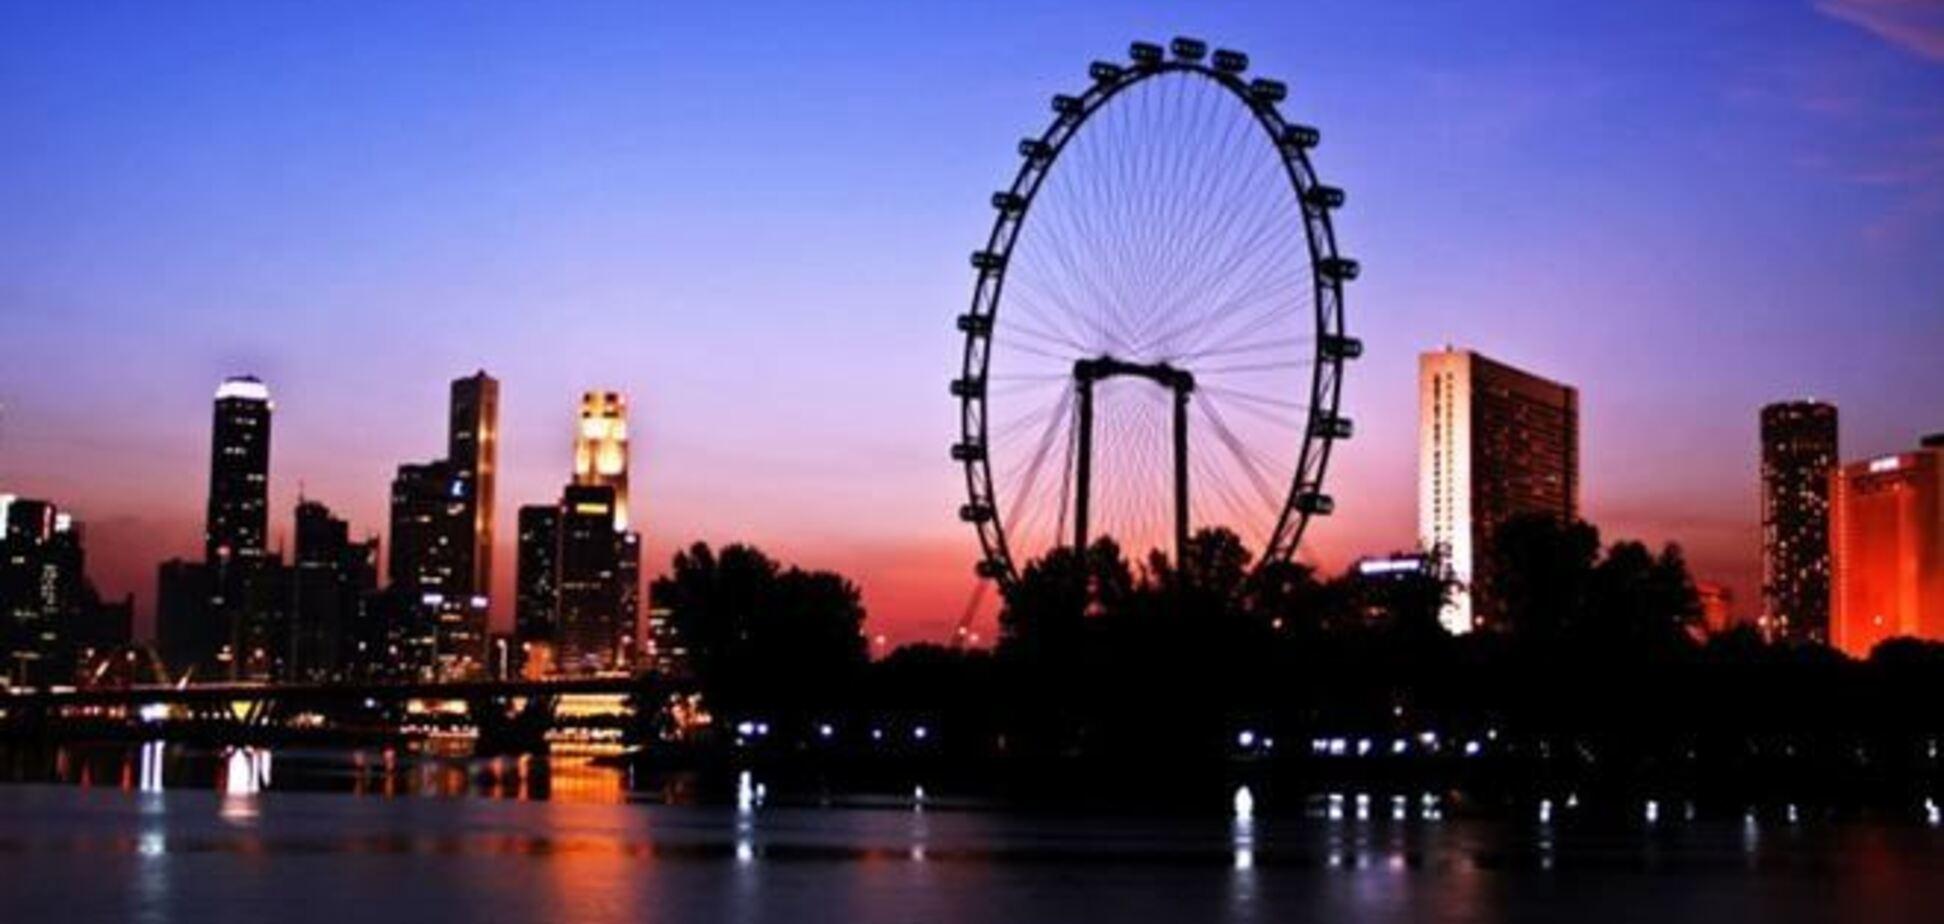 В Нью-Йорке намерены построить самое высокое в мире колесо обозрения